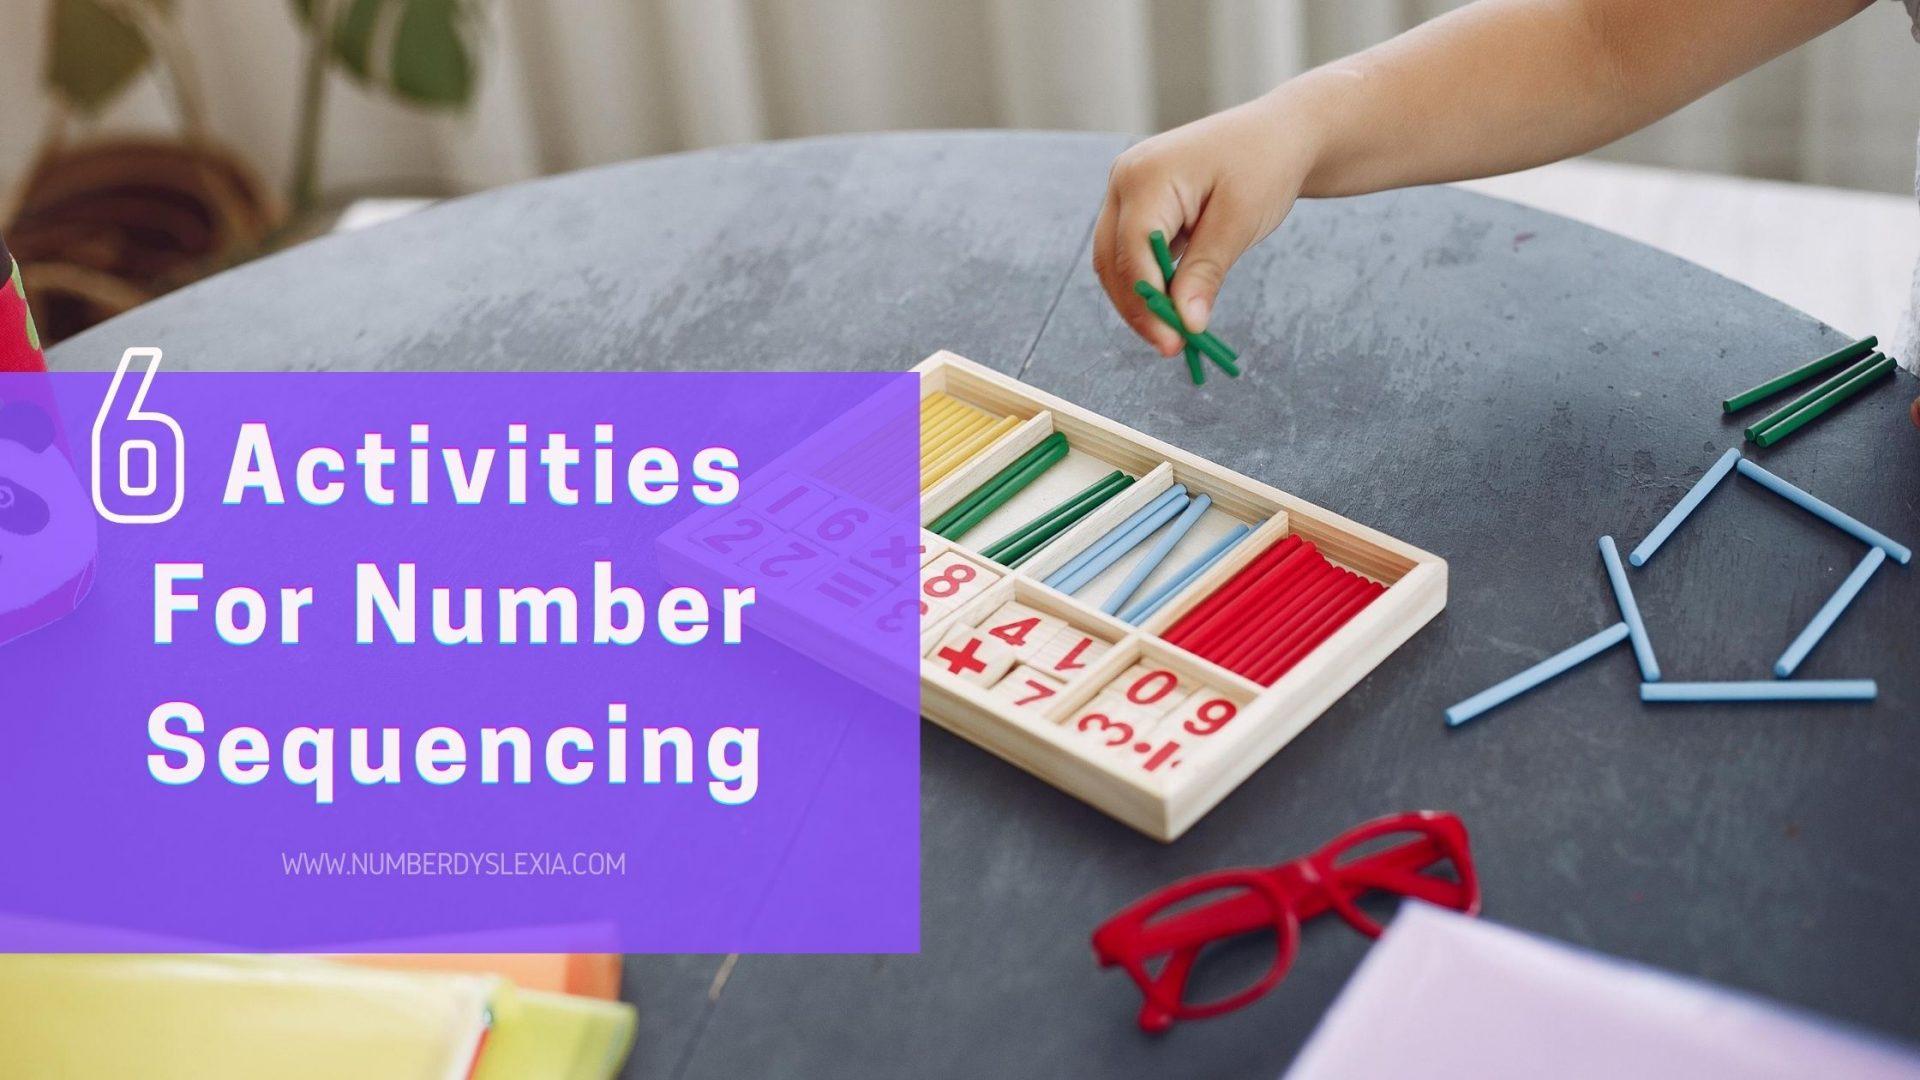 List of top 6 activities for number sequencing for kindergarteners and preschoolers